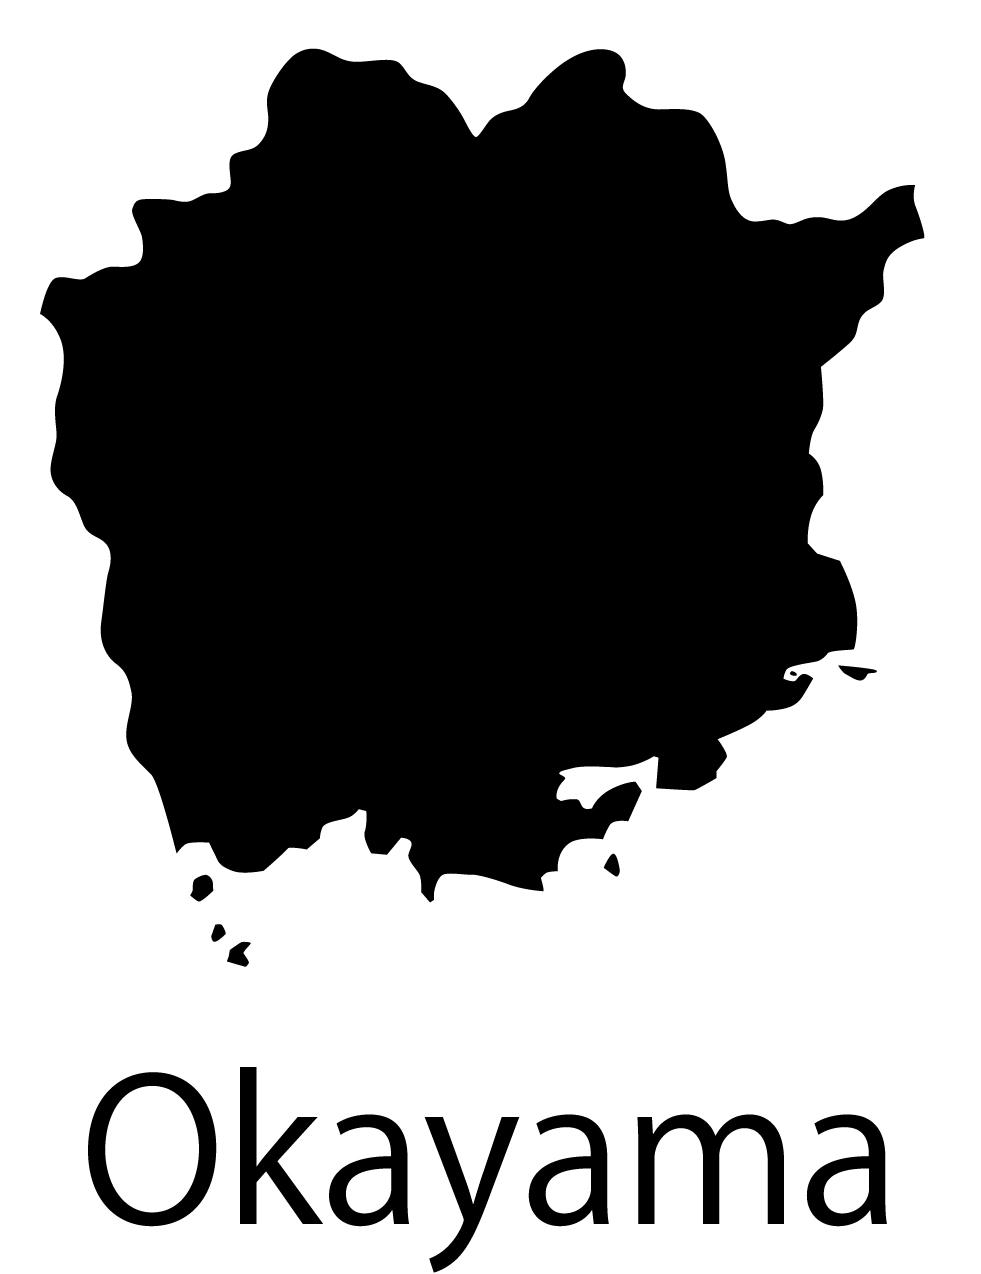 岡山県無料フリーイラスト|英語・都道府県名あり(黒)